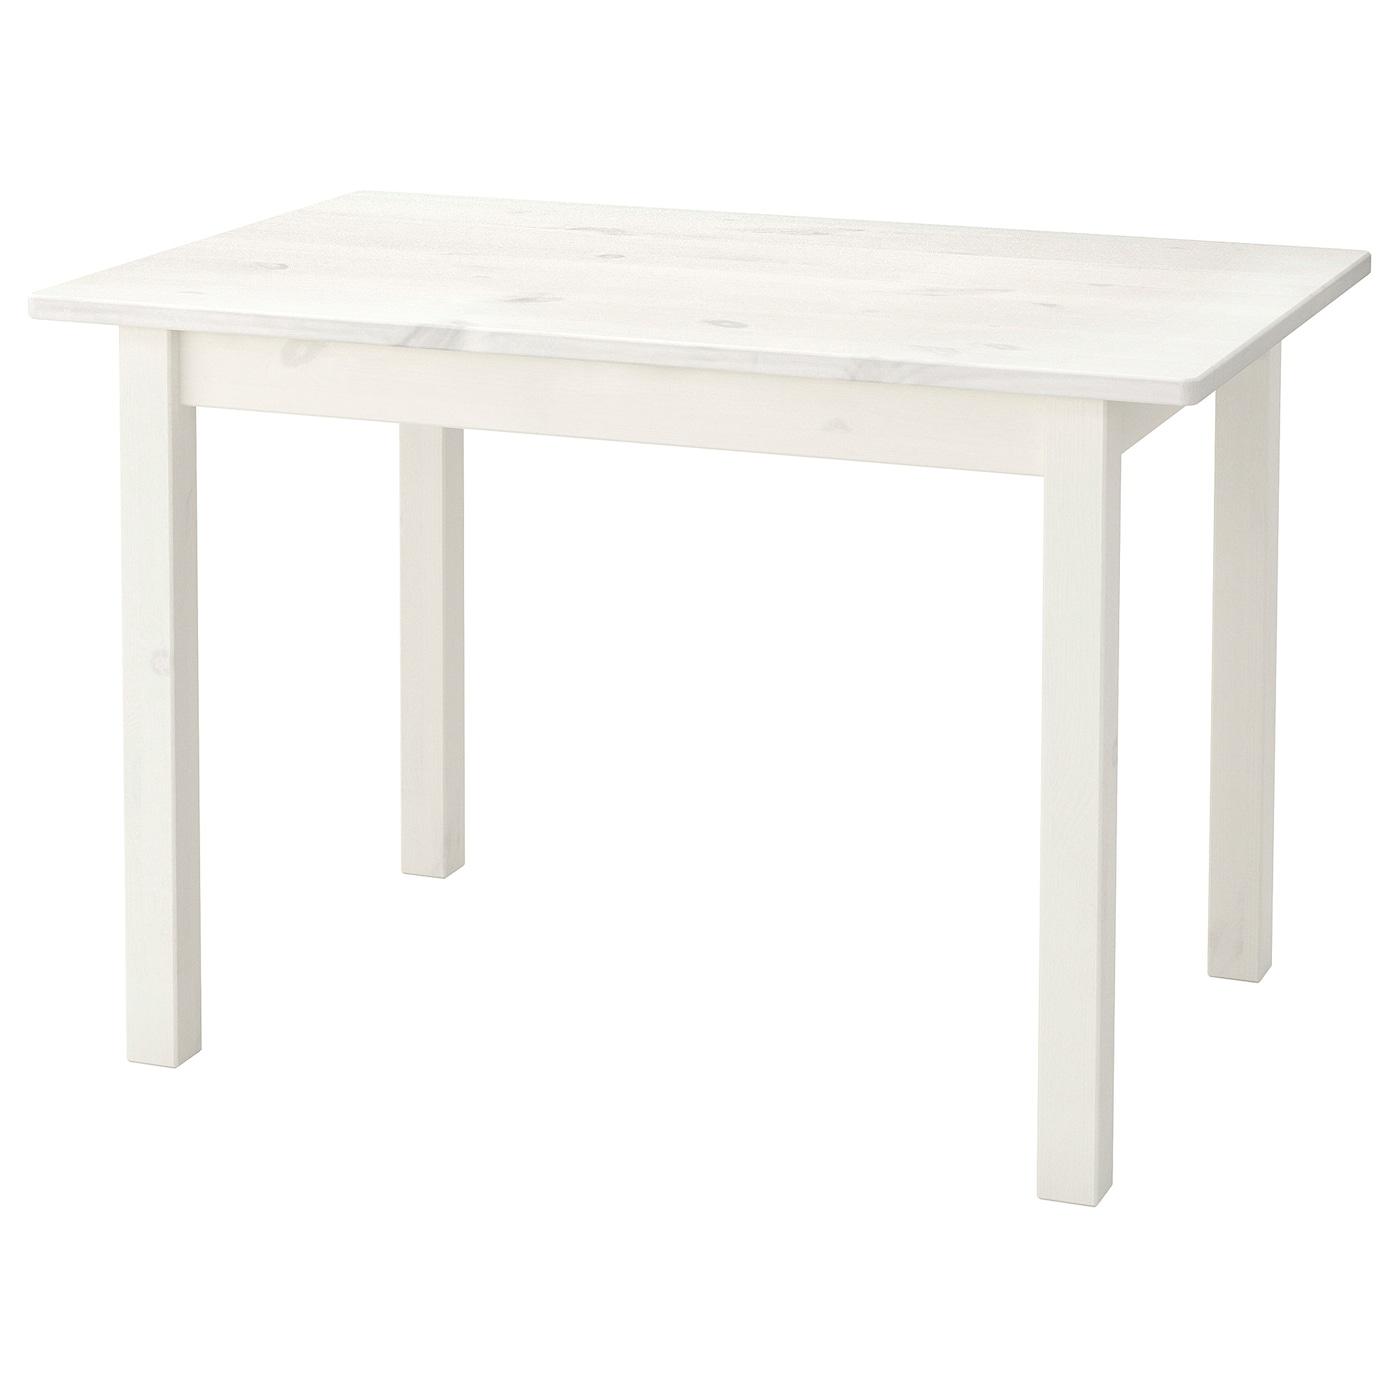 IKEA SUNDVIK biały stolik dziecięcy, 76x50 cm